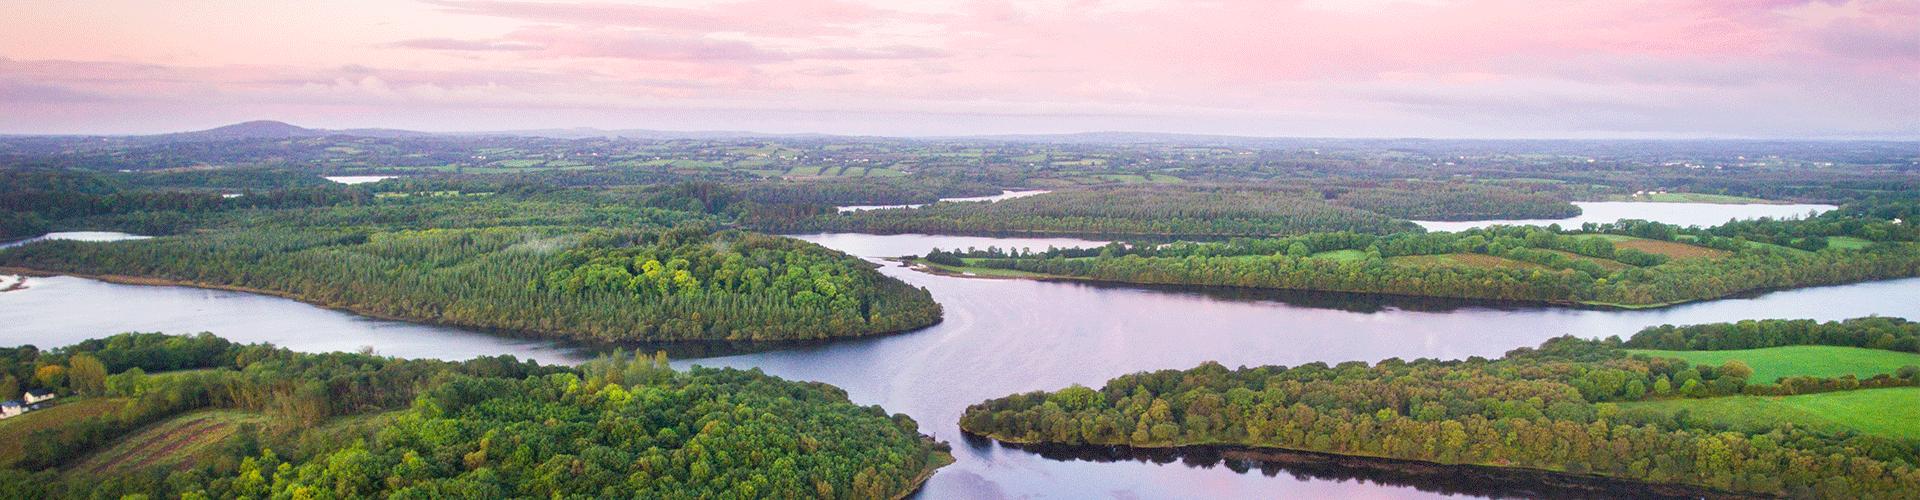 Le Boat - Explore Ireland's Hidden Heartlands